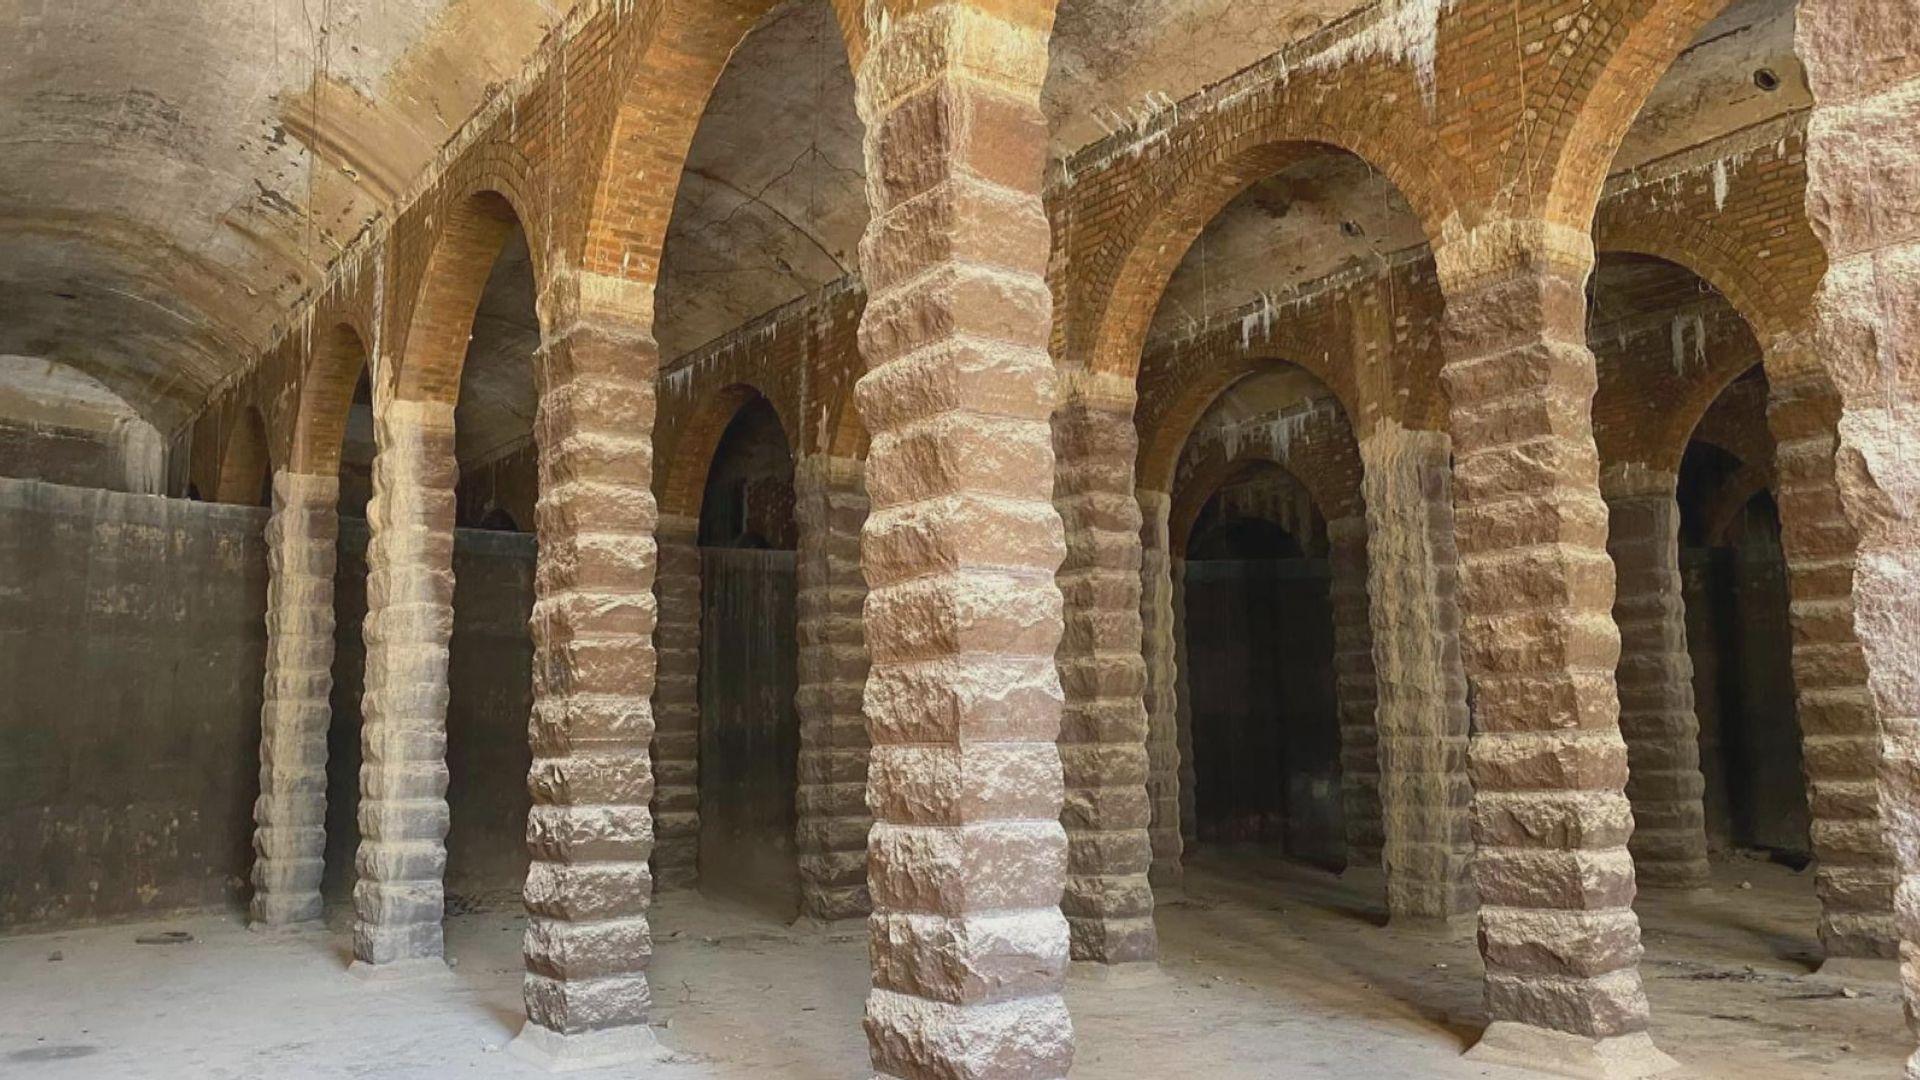 學者:配水庫落成過百年 羅馬式建築具歷史價值應保育